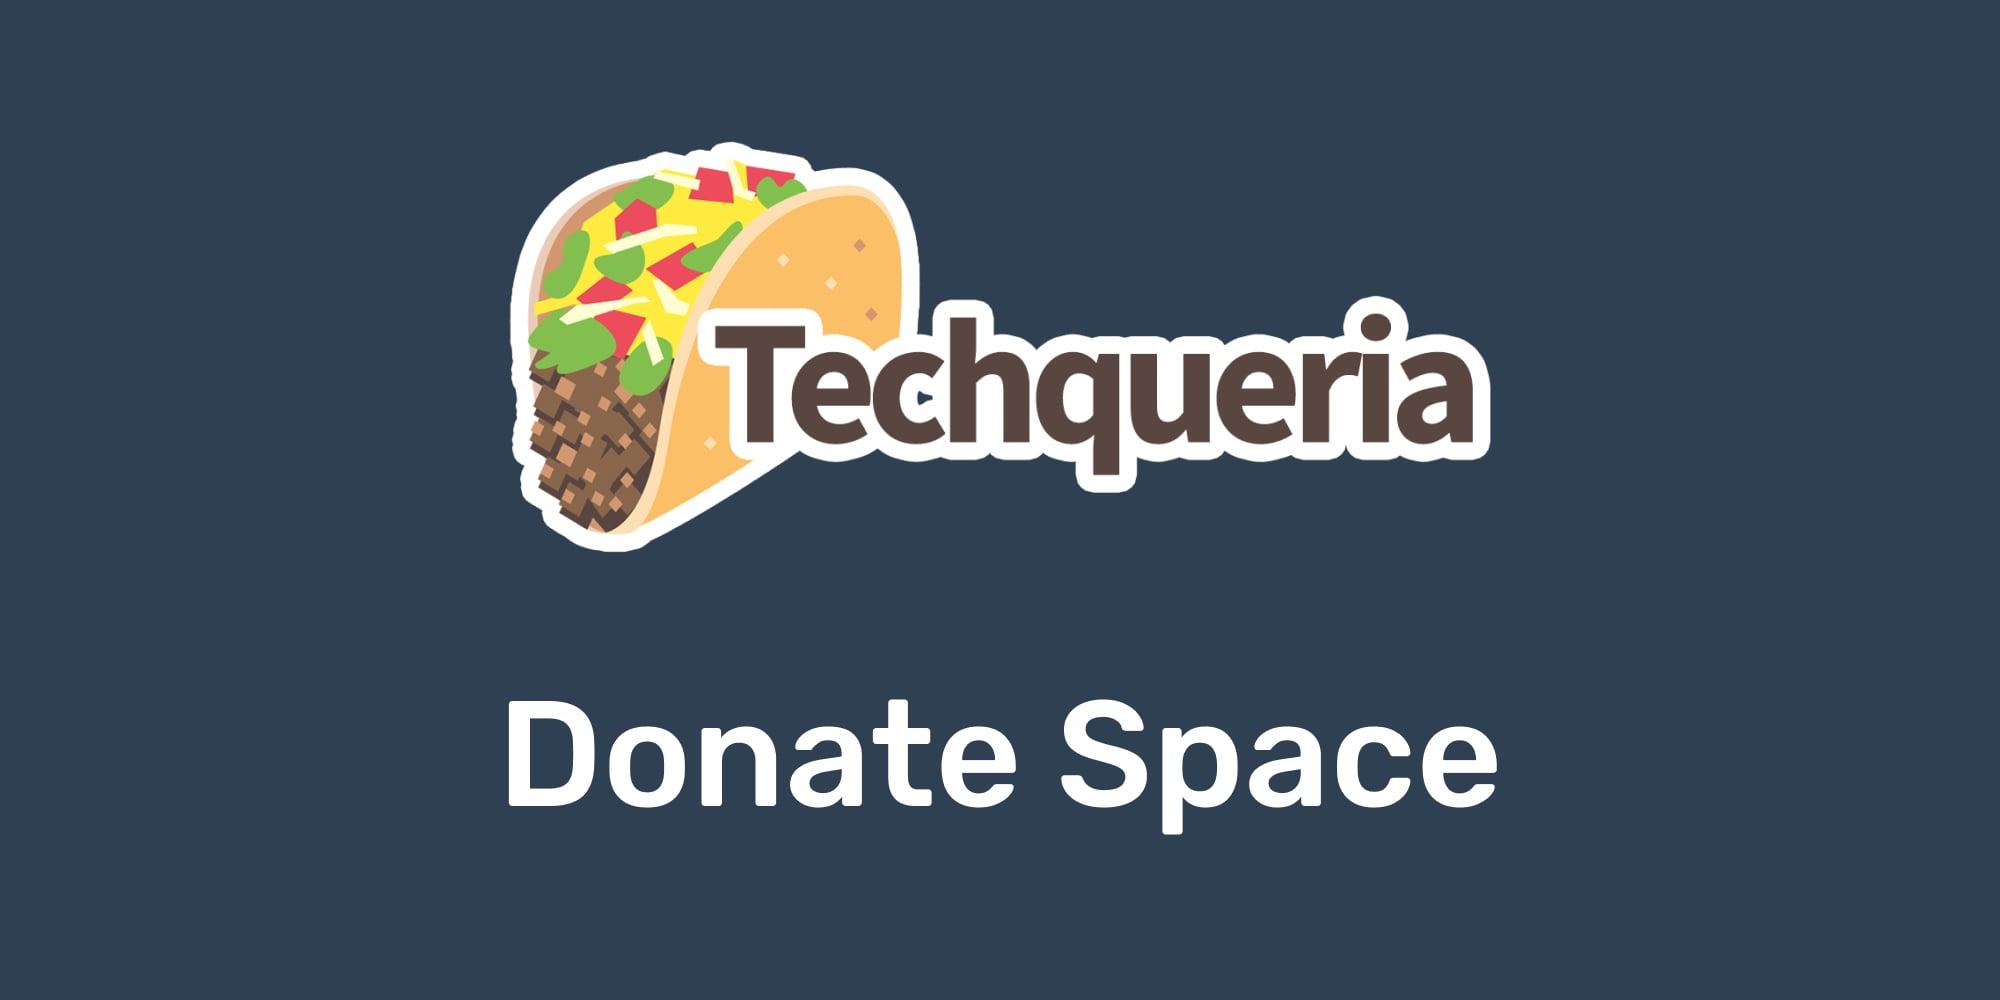 Donar espacio